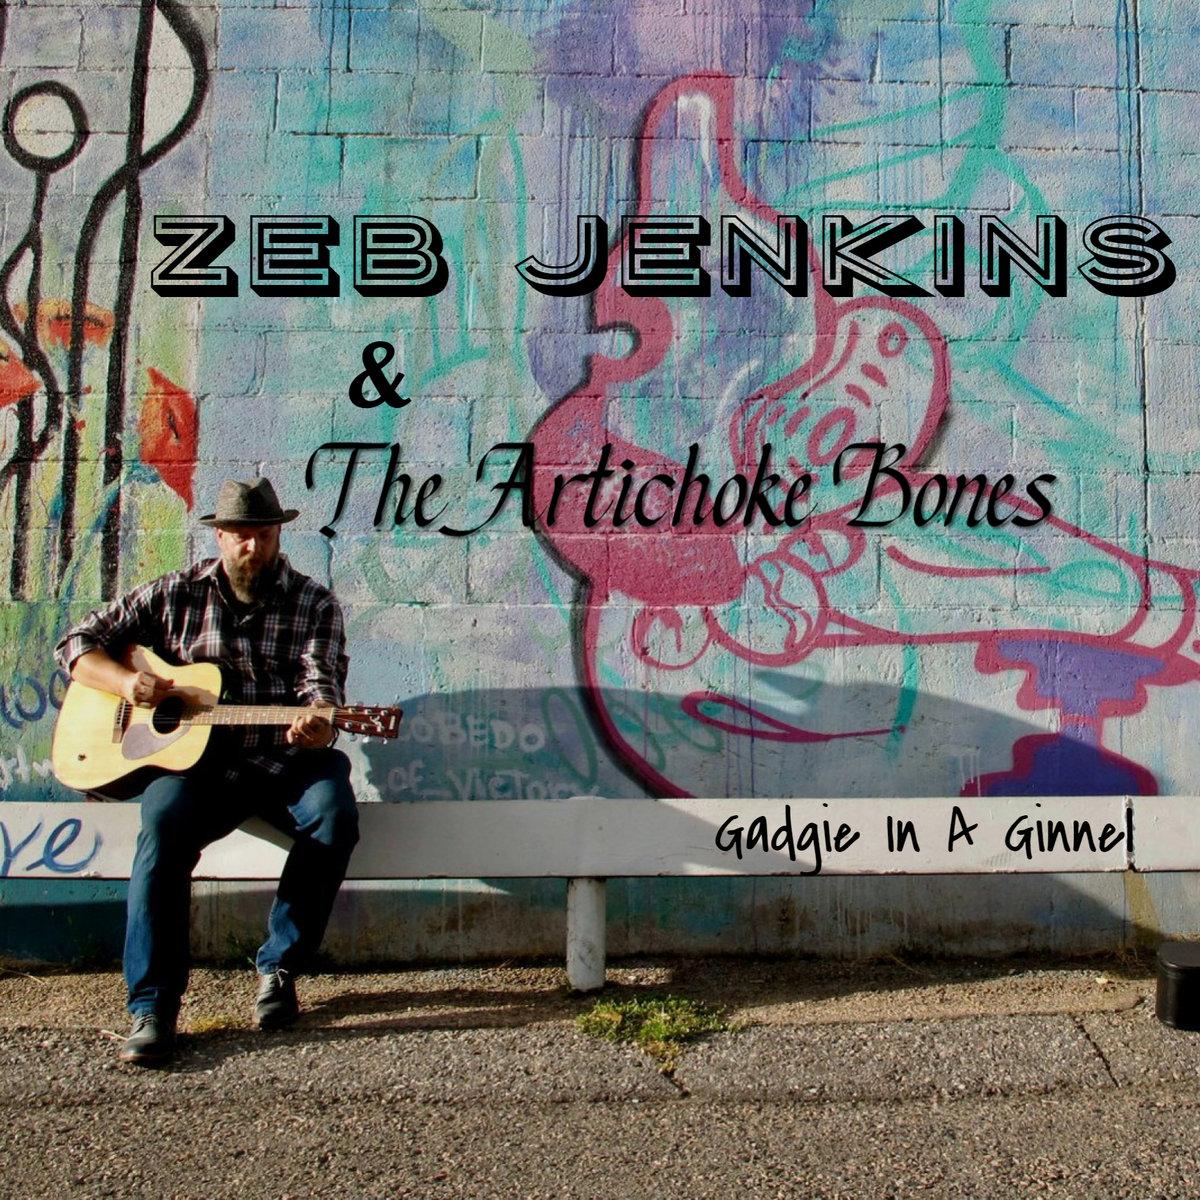 Zeb Jenkins - Gadgie in a Ginnel